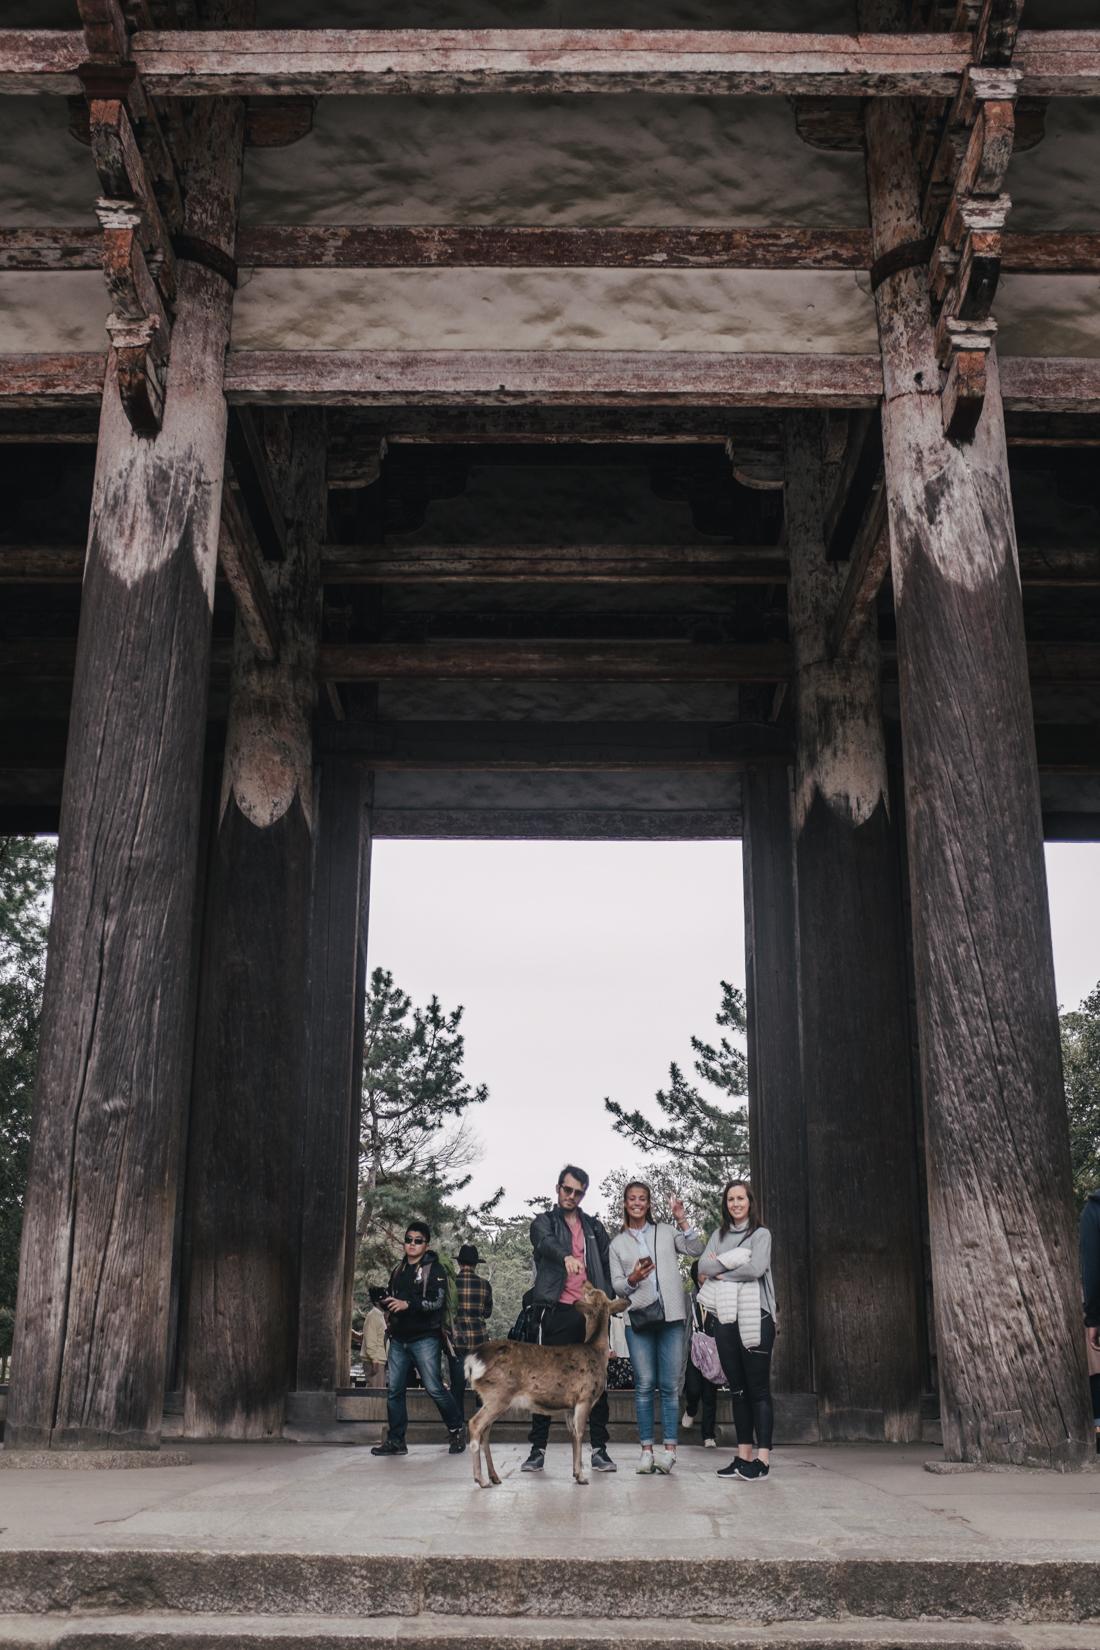 Nara-Park-160306-77